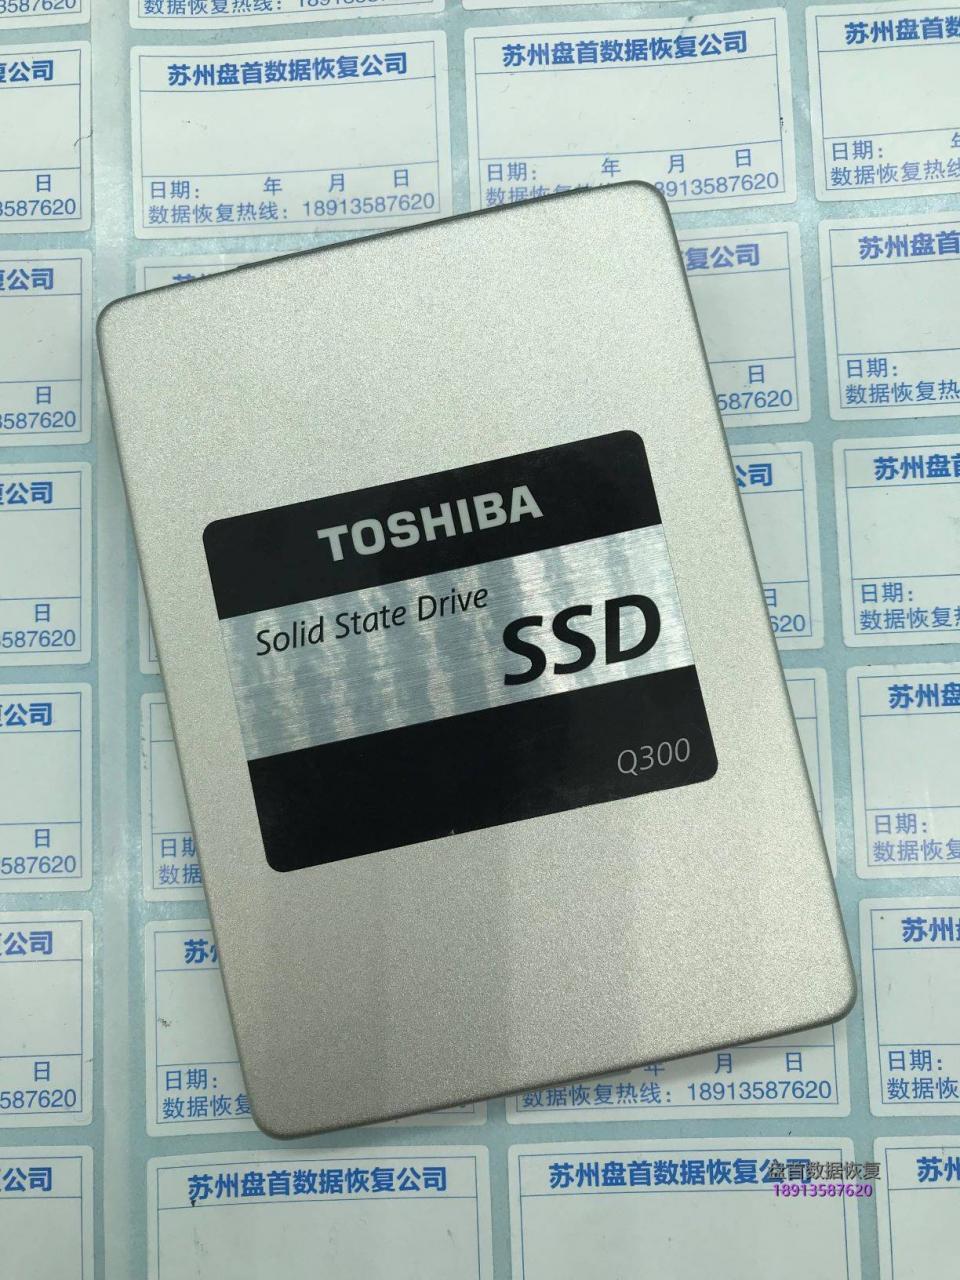 东芝掉盘王Q300 HDTS724掉盘后无法识别完美修复成功